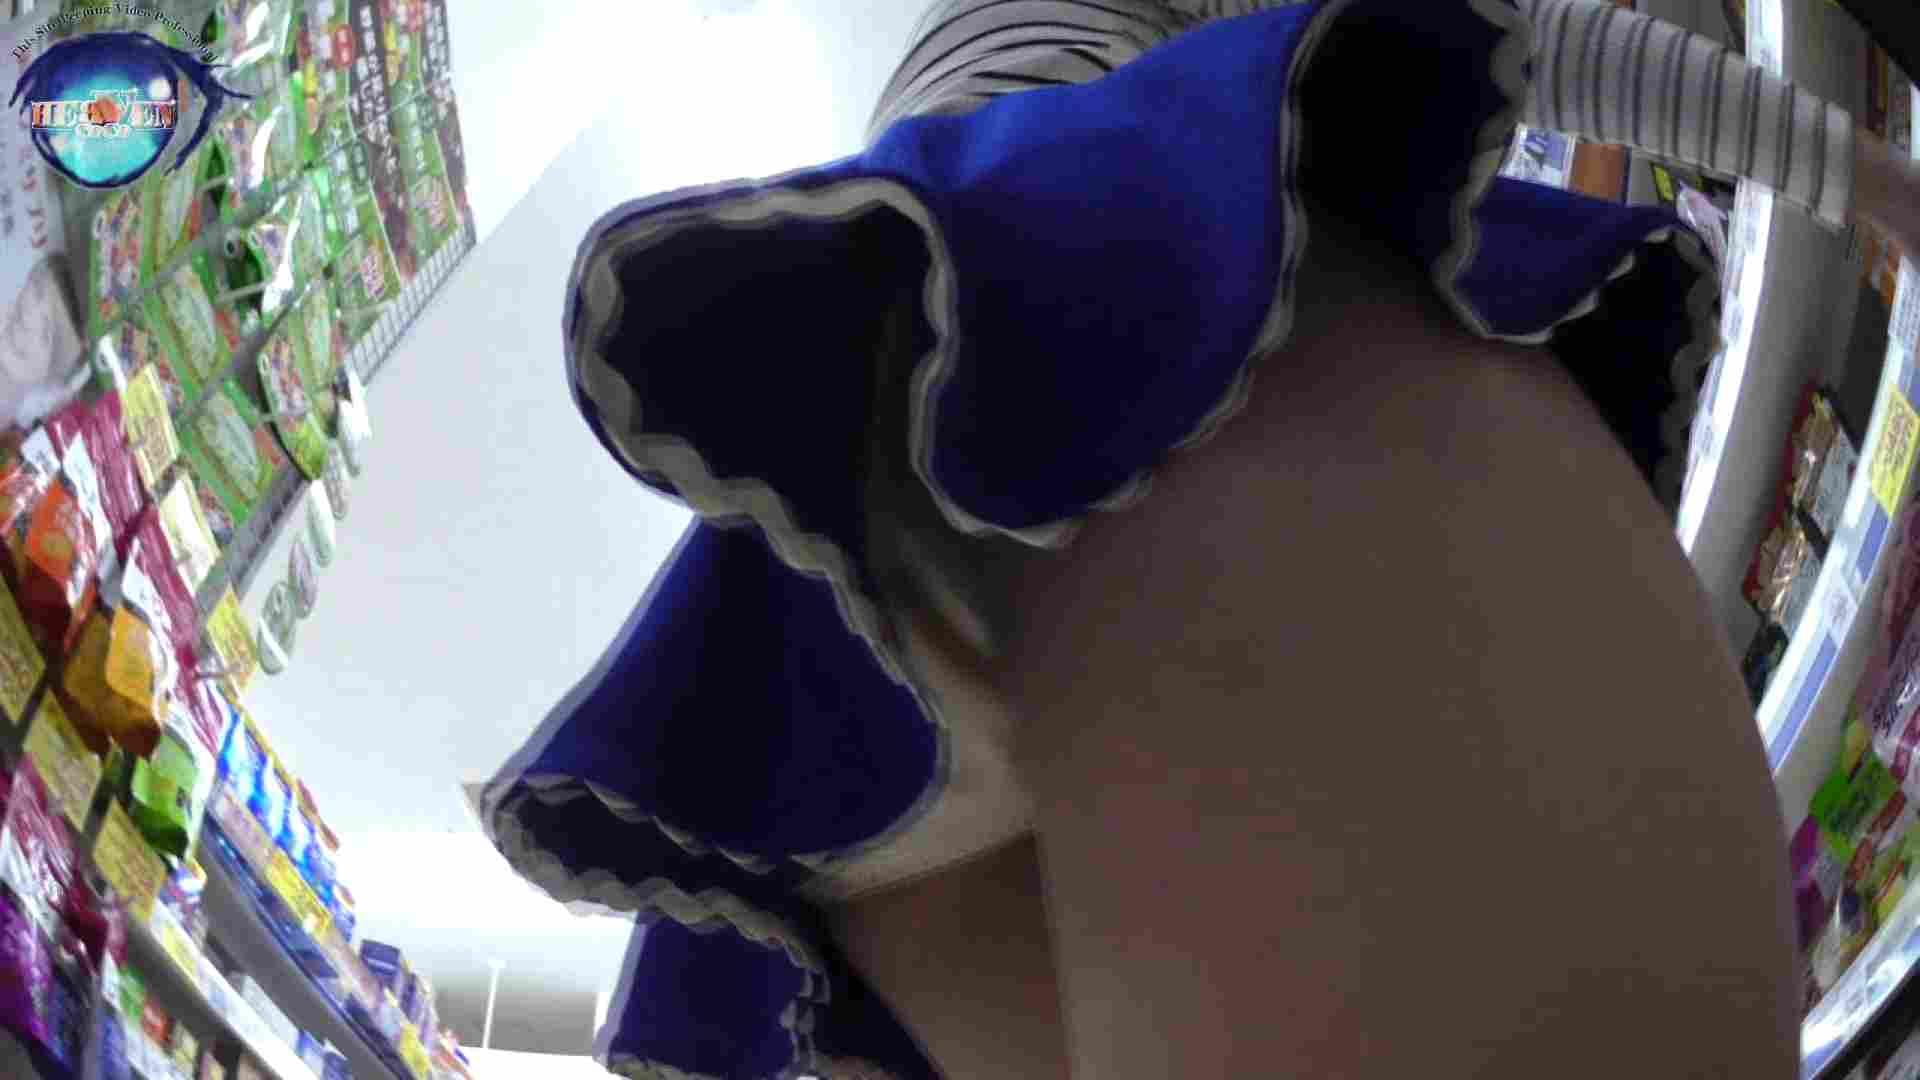 雅さんの独断と偏見で集めた動画 teenパンチラ編vol.4 チラ見えで興奮  10枚 8